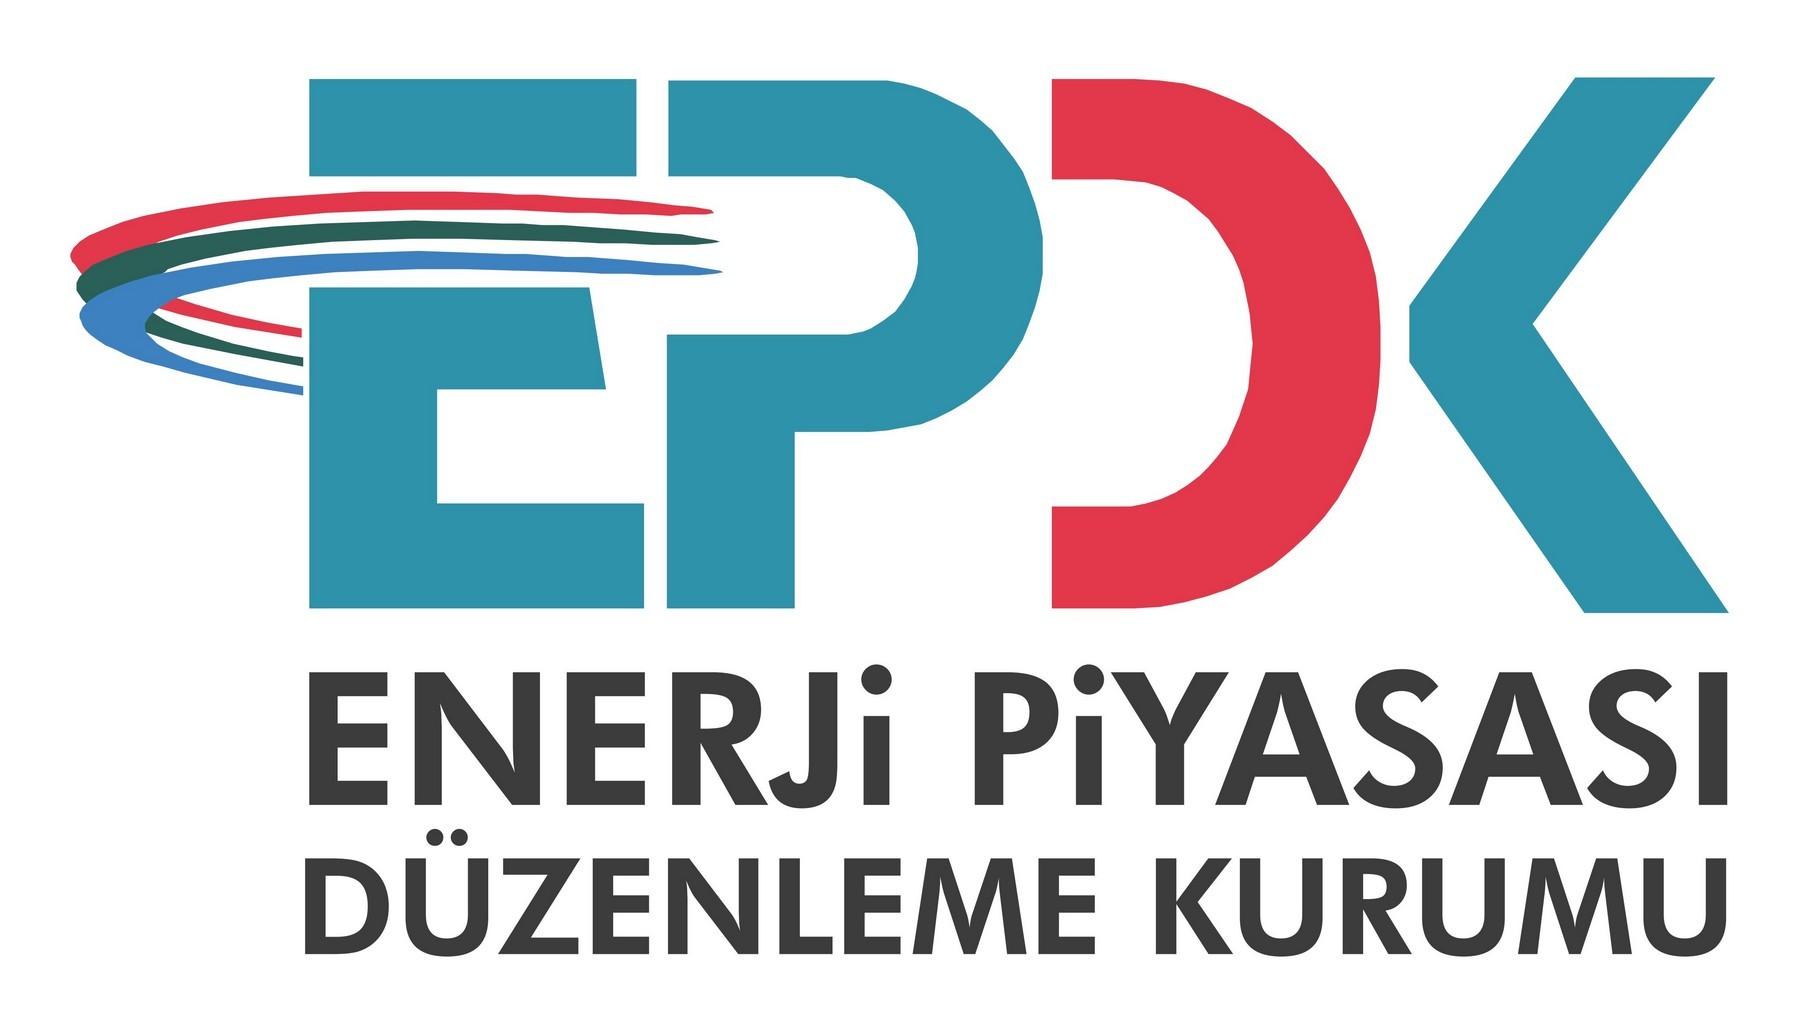 EPDK Logo – Enerji Piyasası Düzenleme Kurumu